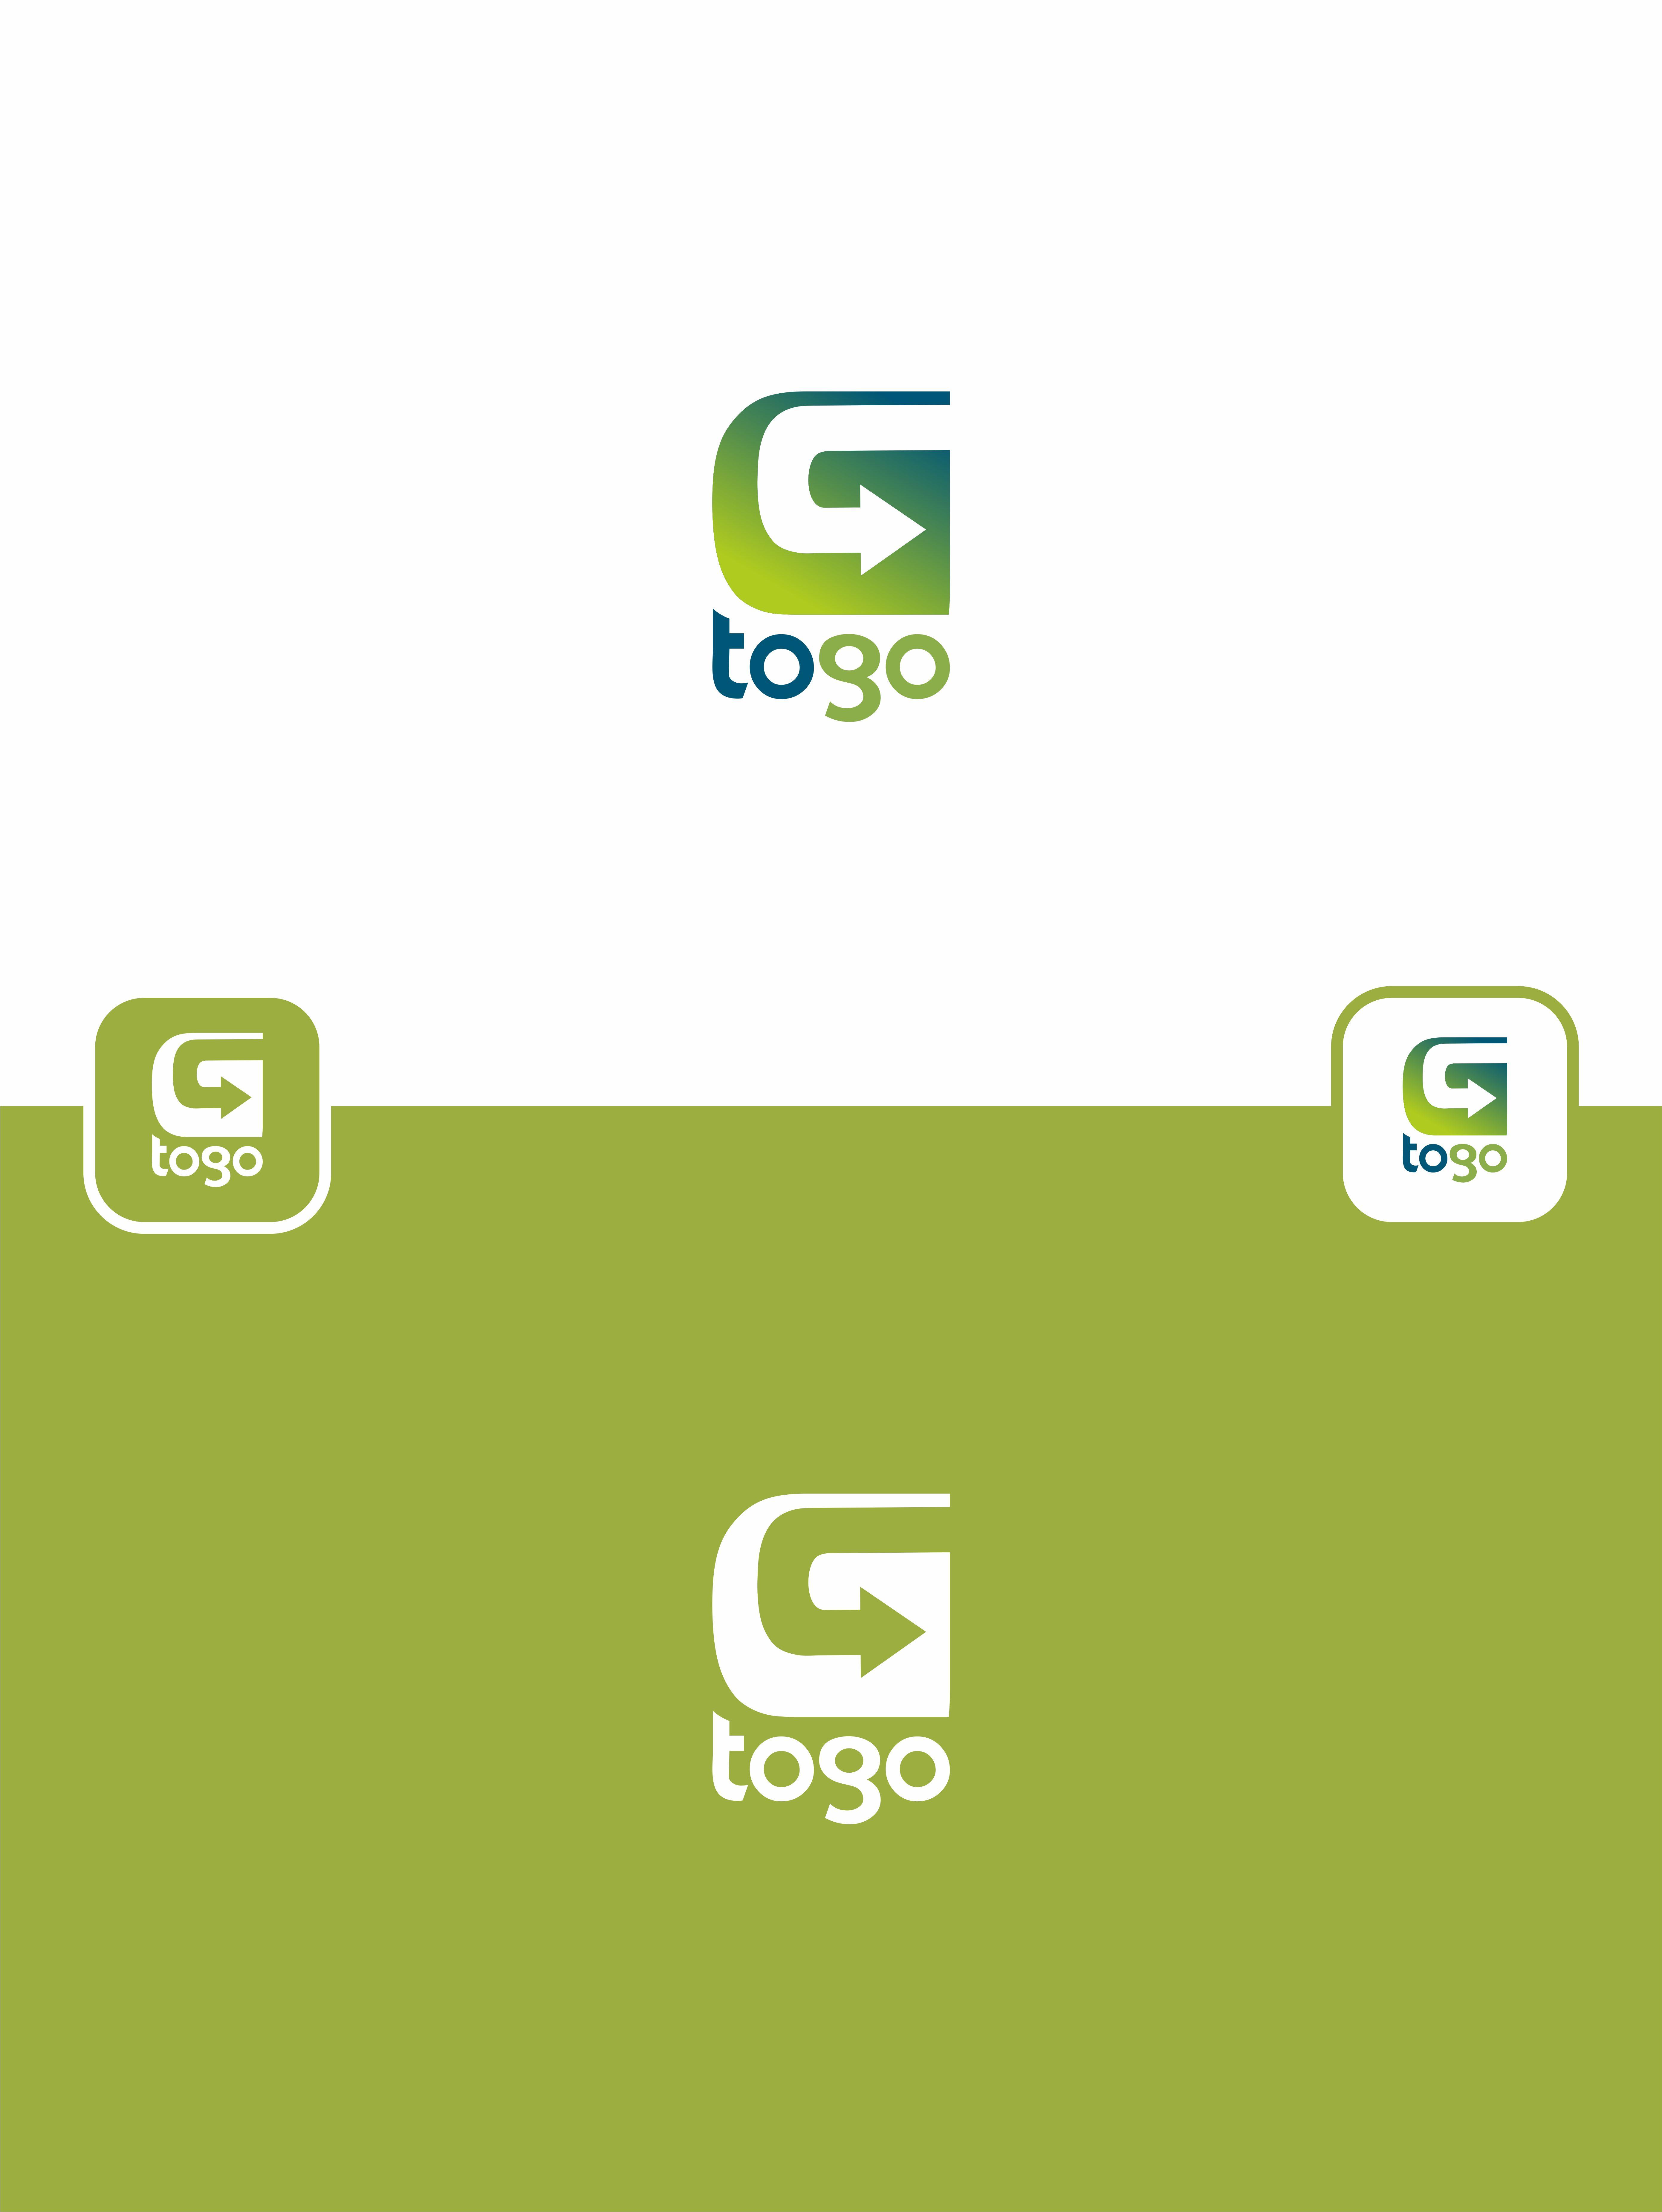 Разработать логотип и экран загрузки приложения фото f_5805a86dc2d34783.jpg